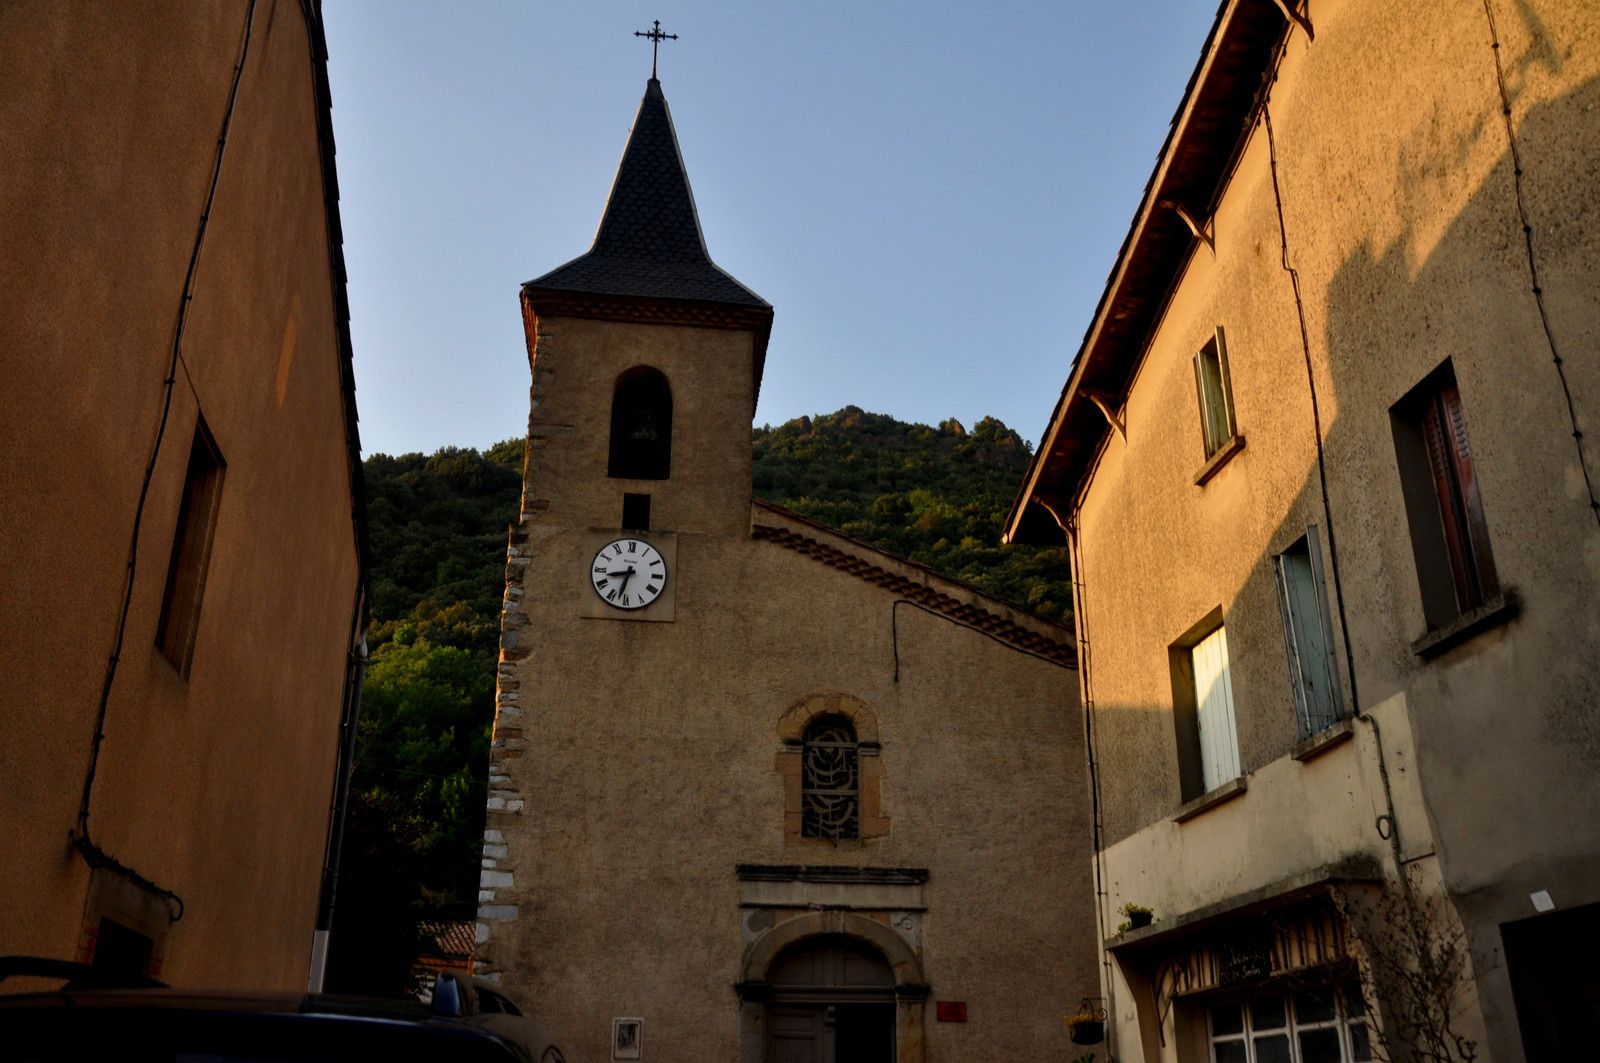 L'église est ouverte en ce jour de fête.